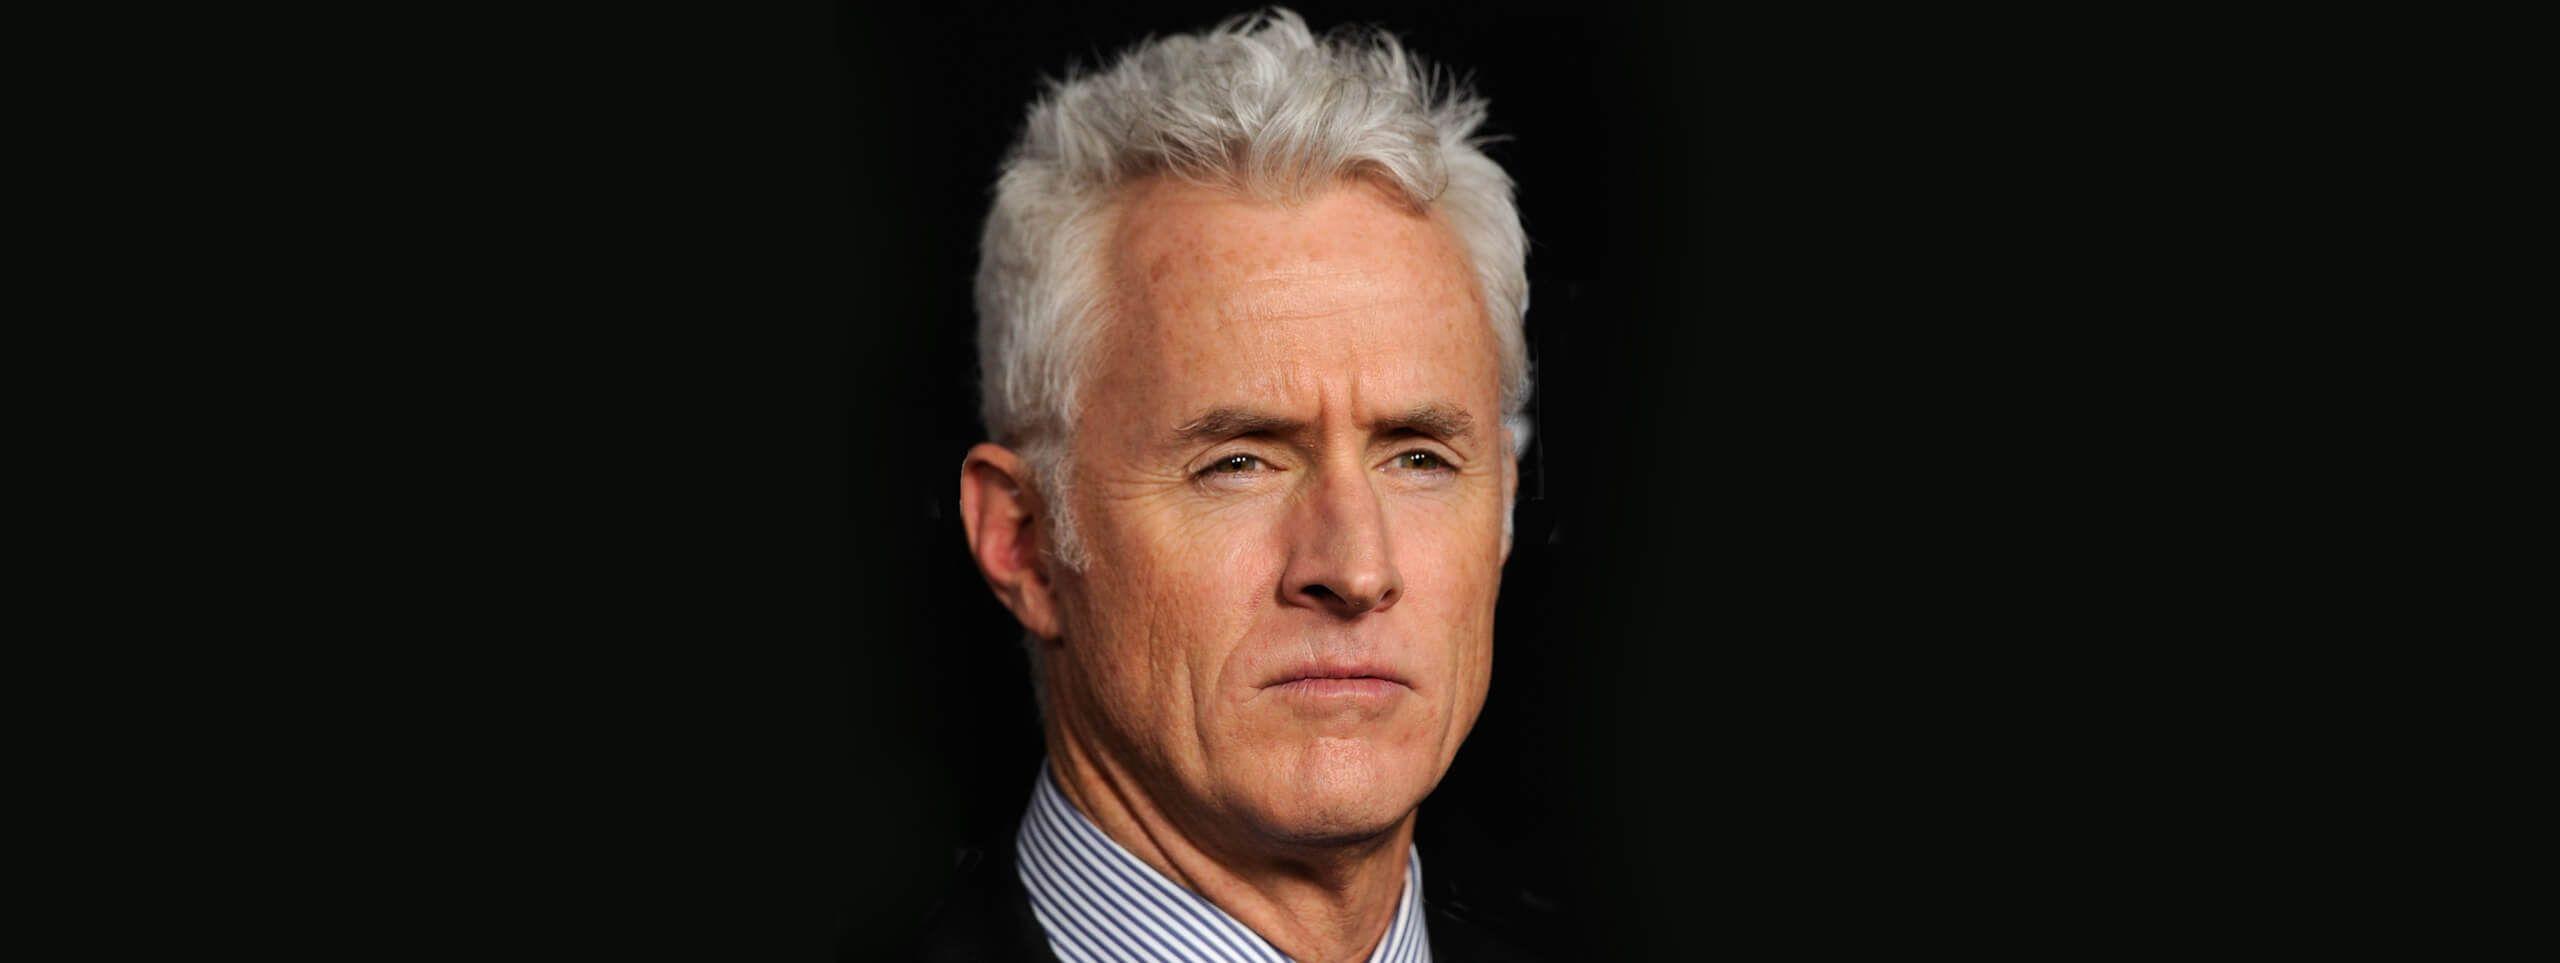 Uomo di mezza età con capelli grigi